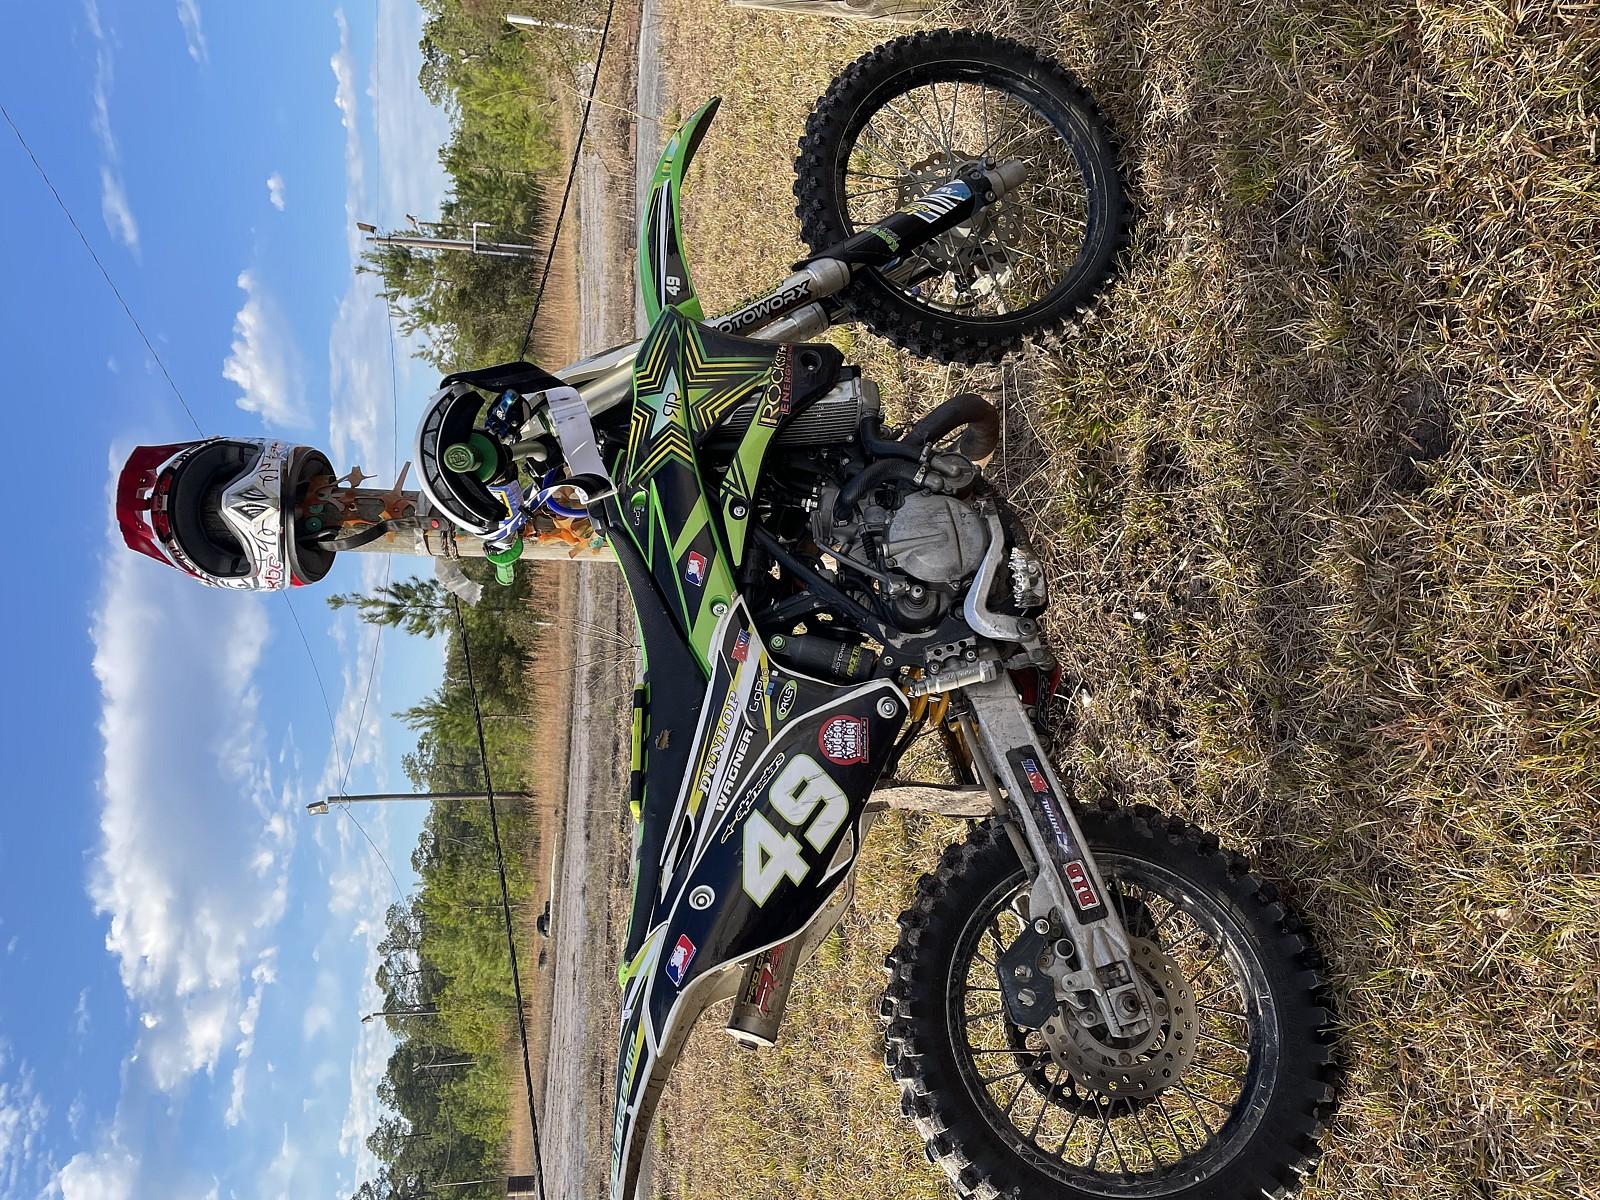 Moto - JMPJacksonville Motocross Park - Motocross Pictures - Vital MX